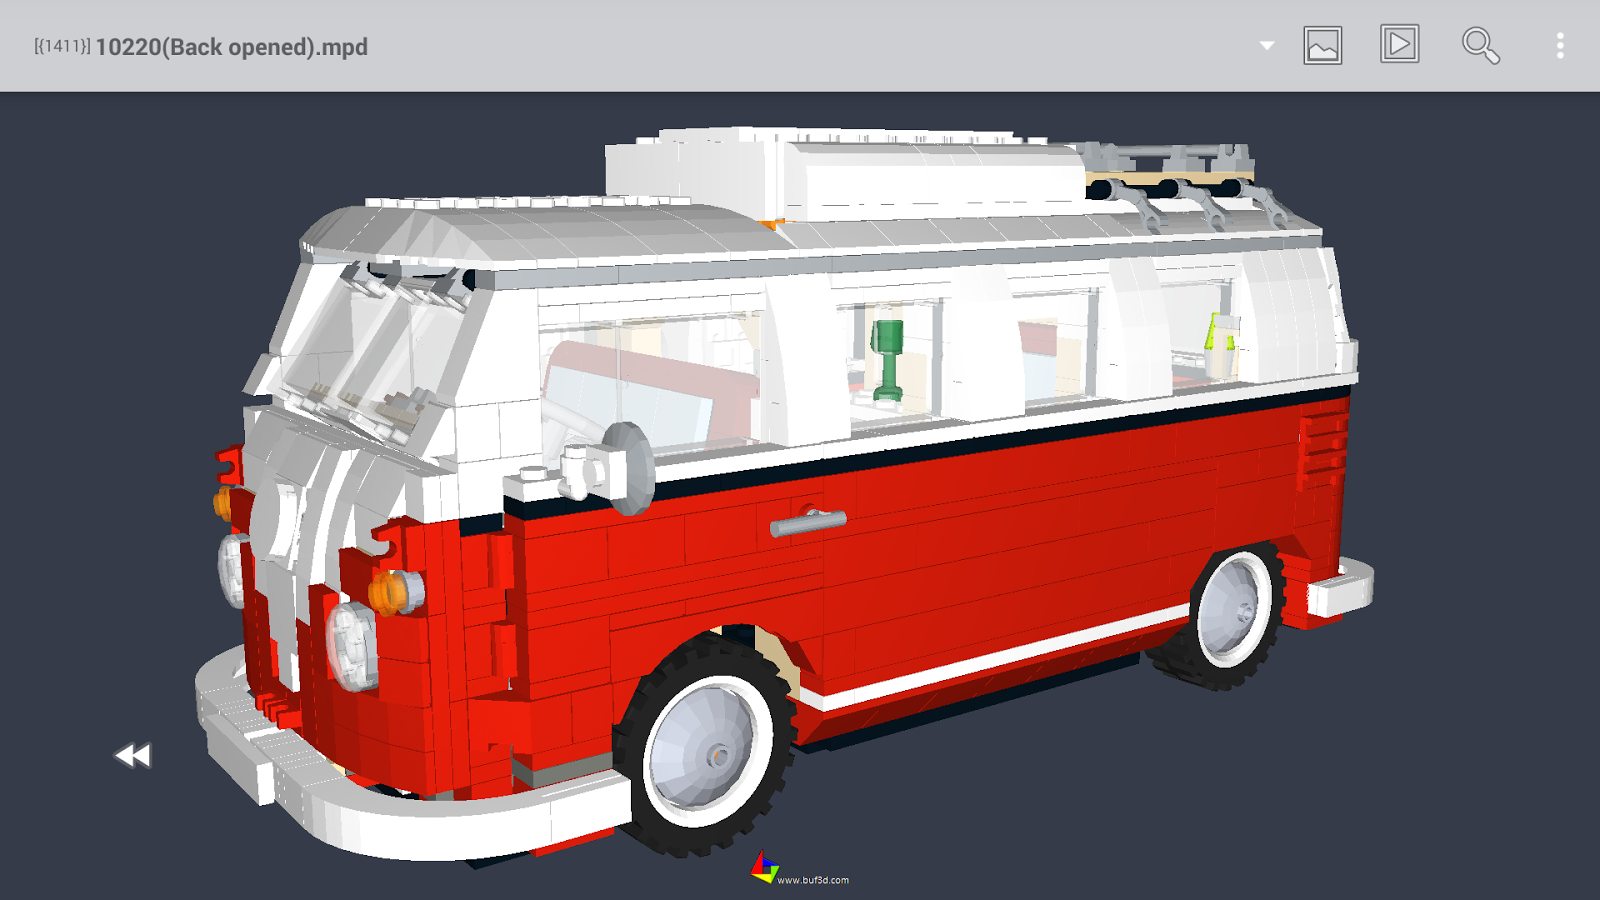 Buf3D 3d and lego model viewer- screenshot